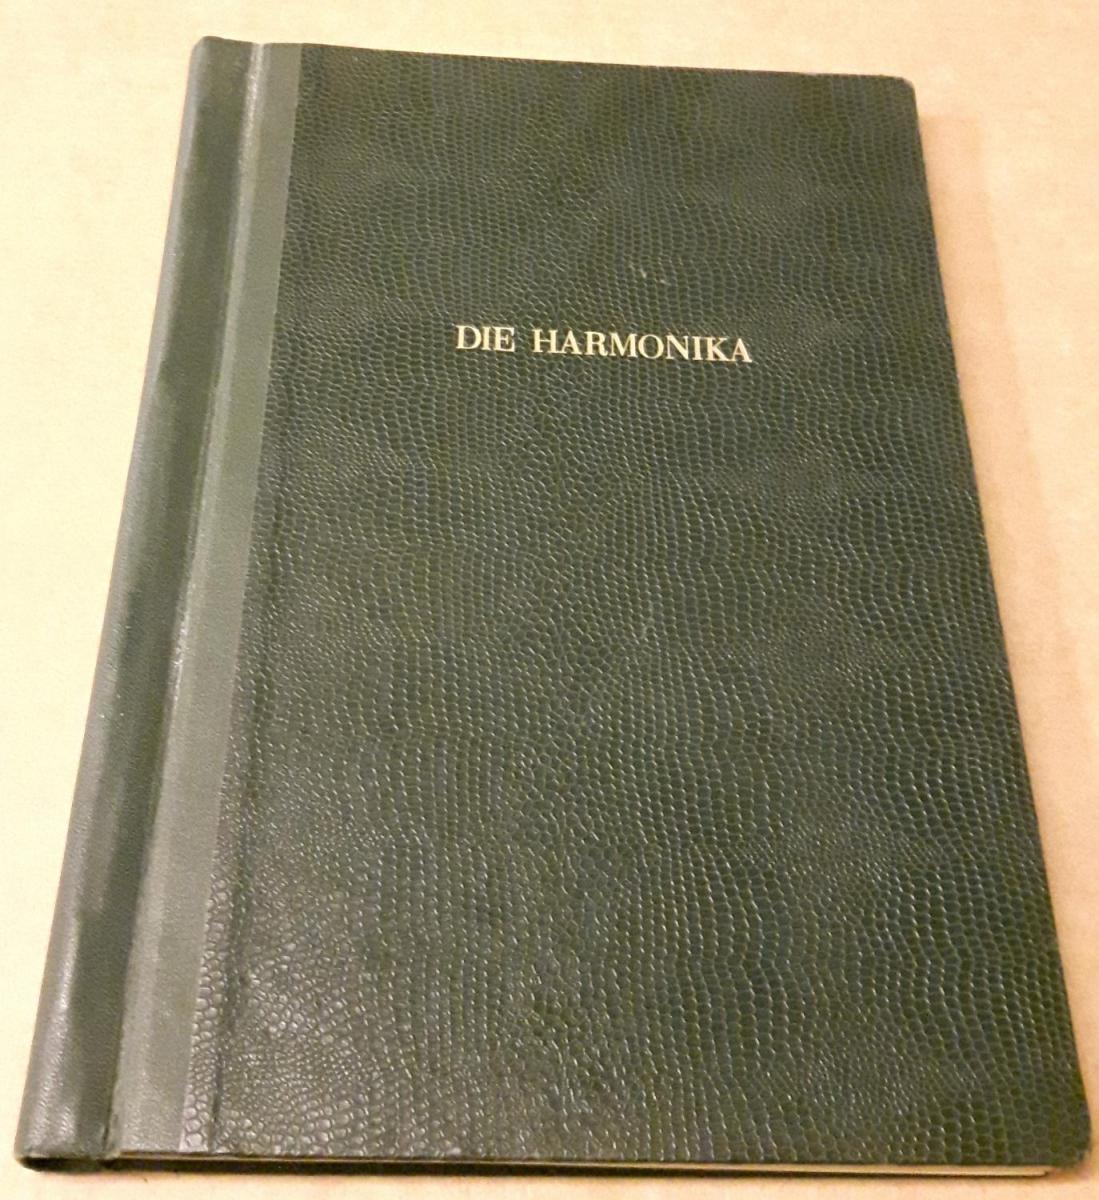 Die Harmonika - Monatsschrift für die Freunde der Harmonika / 18. Jahrgang 1953 KOMPLETT (10 Einzelhefte) in der Original HOHNER-KLEMM-SAMMELMAPPE (Kl. SaMa 1) vorhanden - Die einzelnen Zeitschriften sind reich bebildert und zeittypisch im Stil der 195... 0